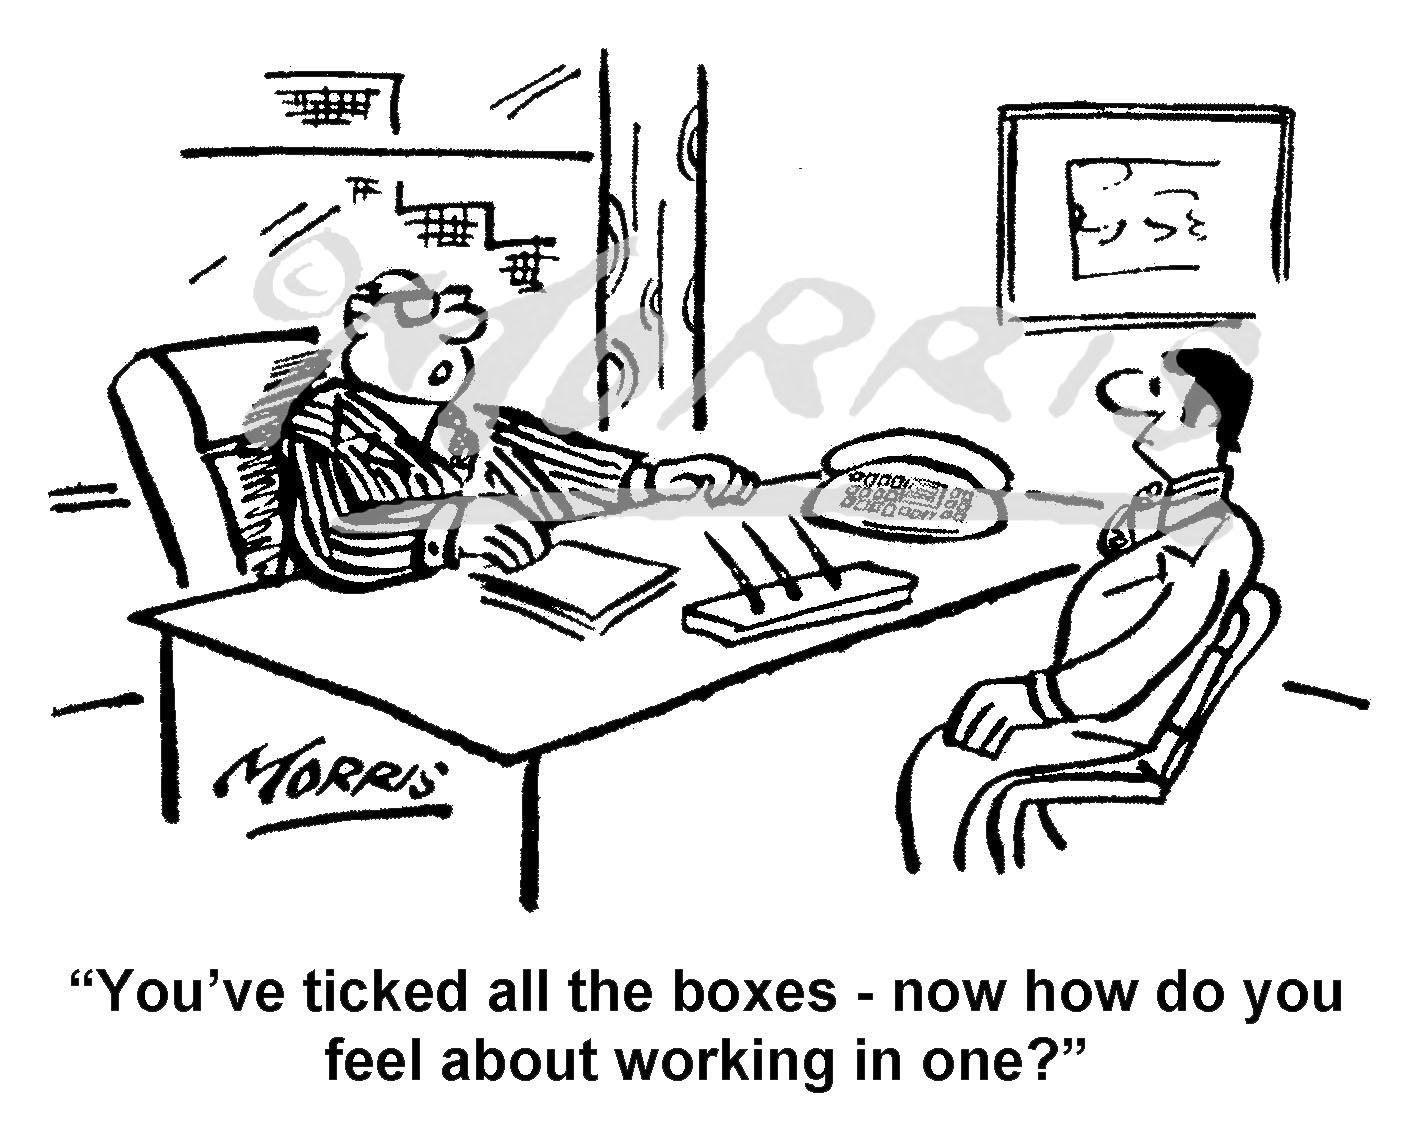 Office job interview cartoon – Ref: 8099bw